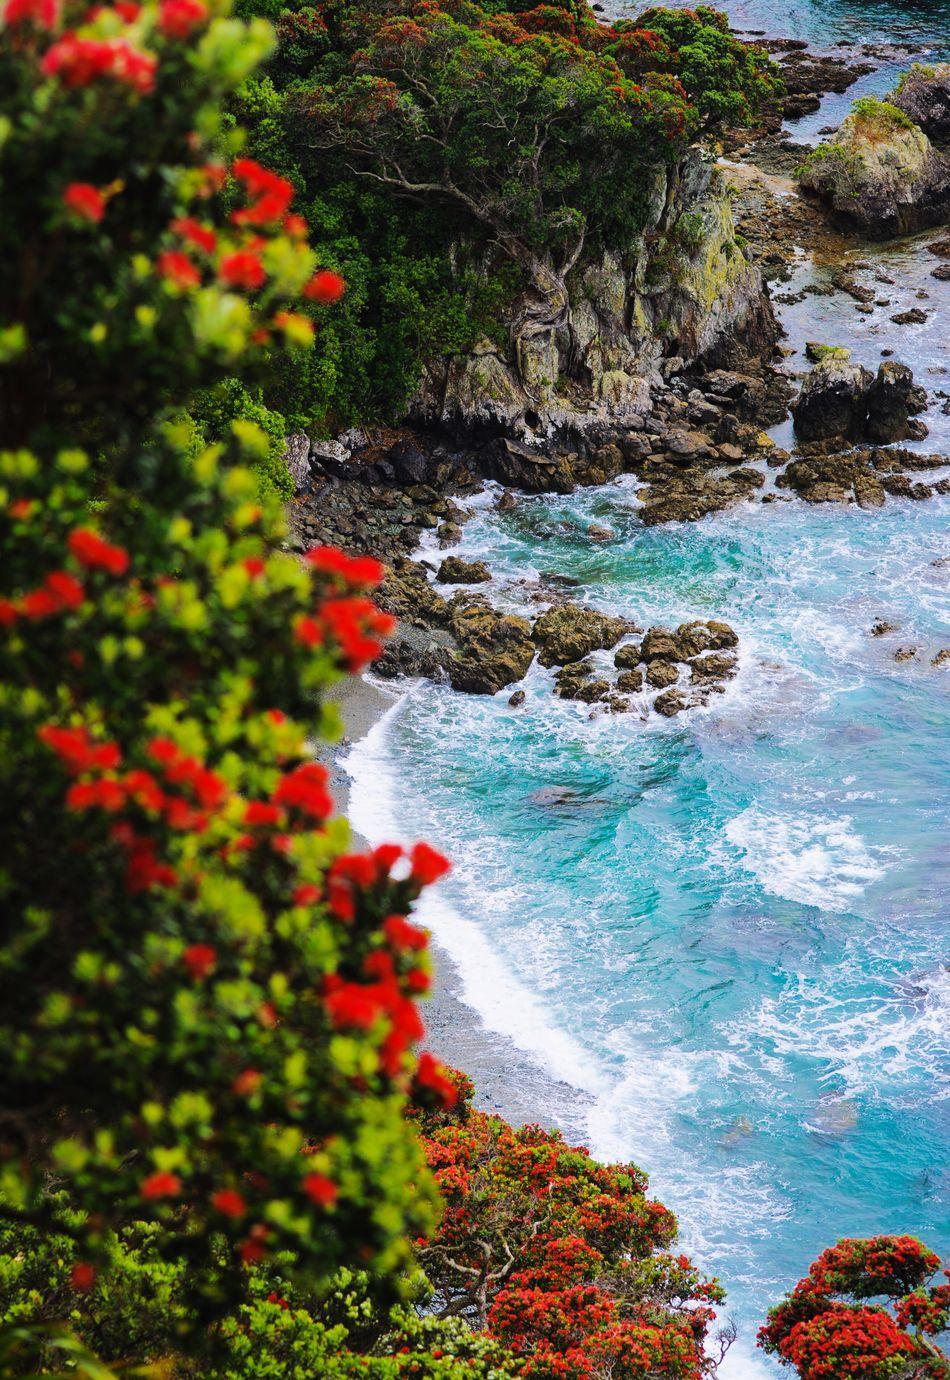 Tiritiri Pohutukawa Coast Coastline Coast Shoreline Beach Cliffs New Zealand Scenery Ocean